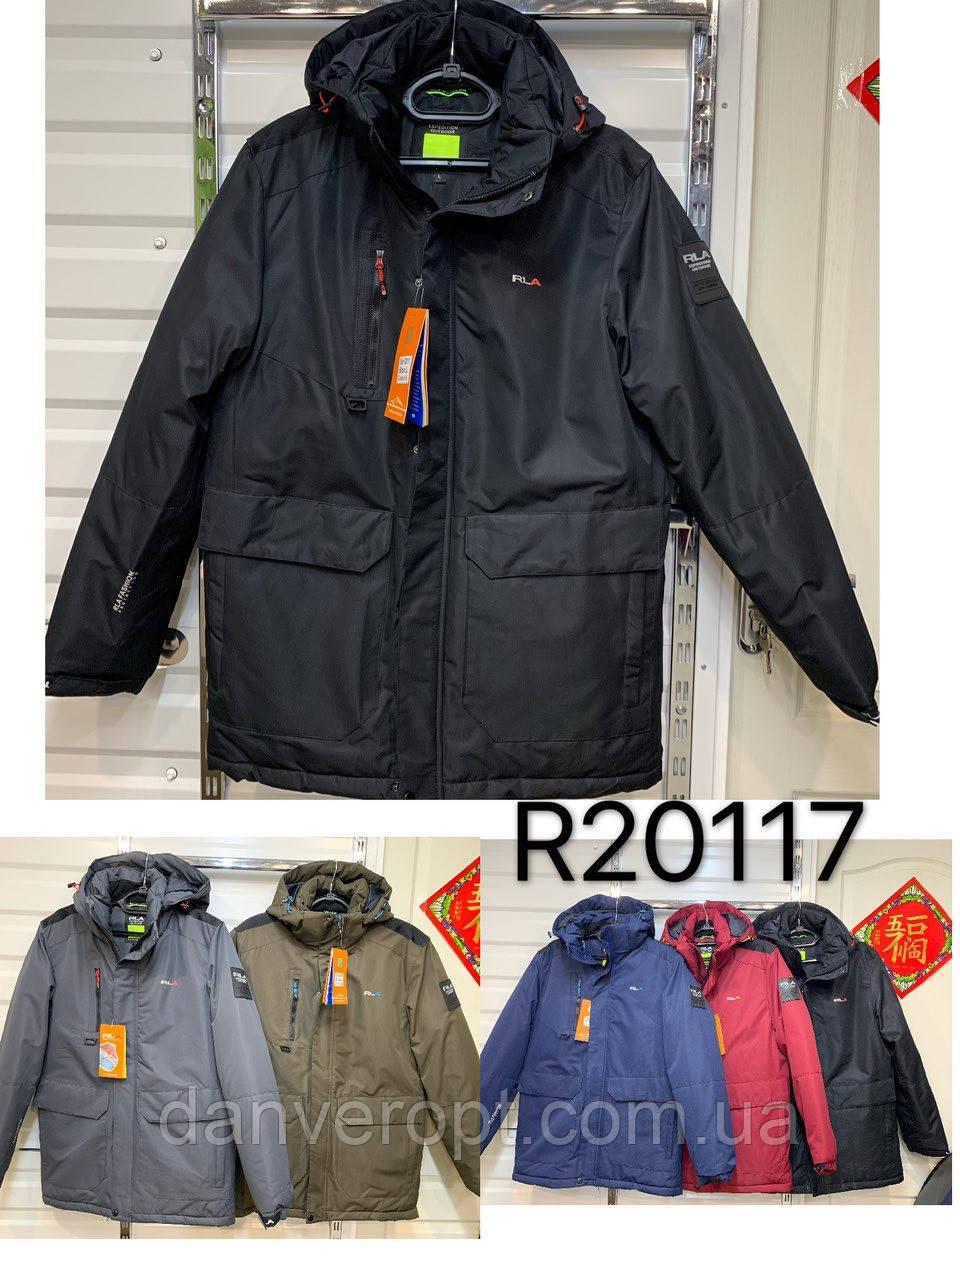 Куртка мужская стильная зимняя RLA размер 56-64 батал купить оптом со склада 7км Одесса